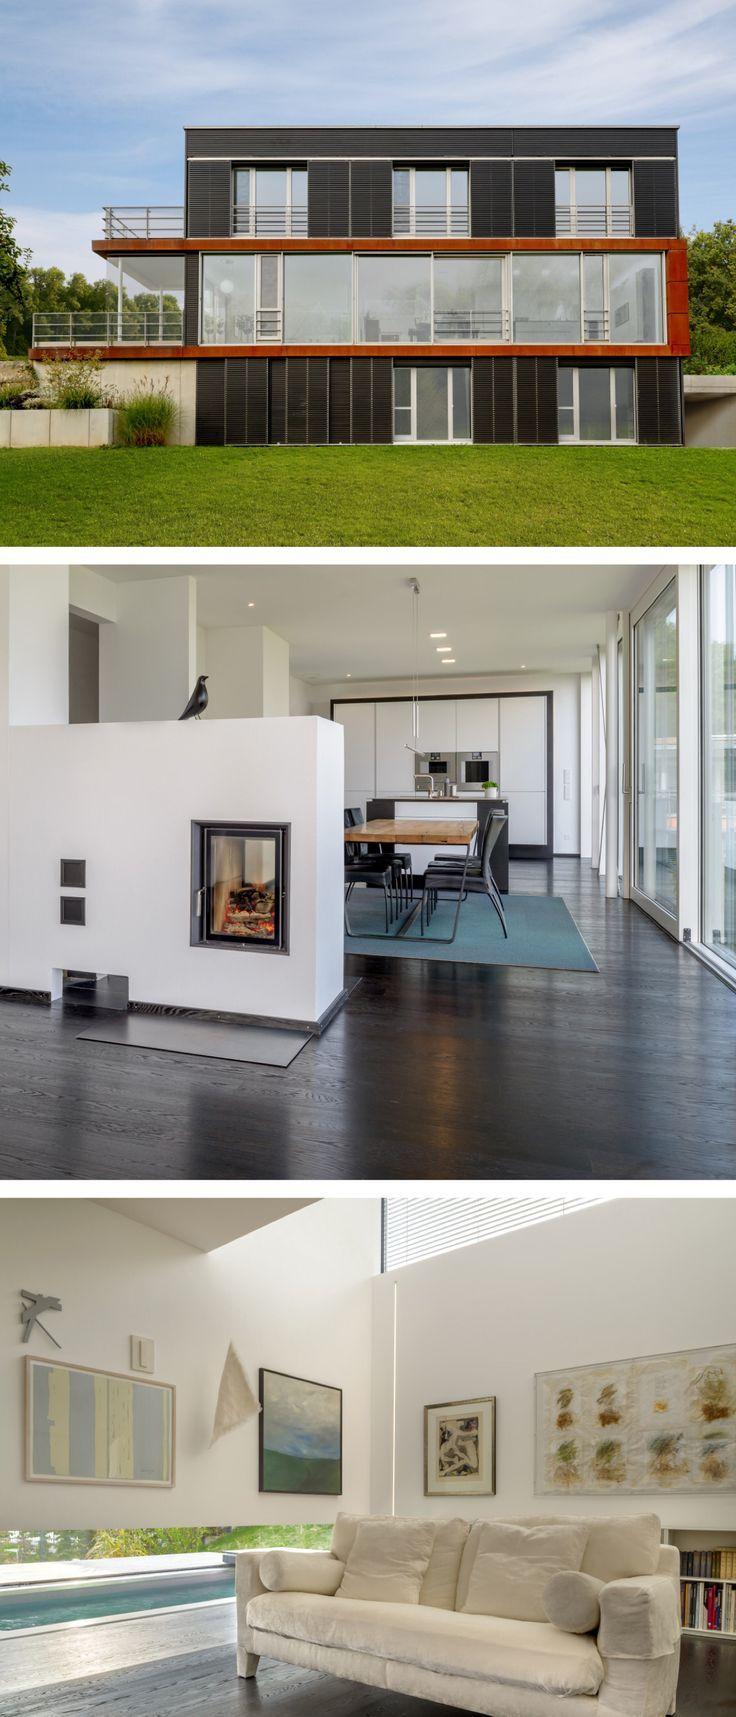 Modernes Architektenhaus mit Flachdach Architektur & Holz Fassade ...